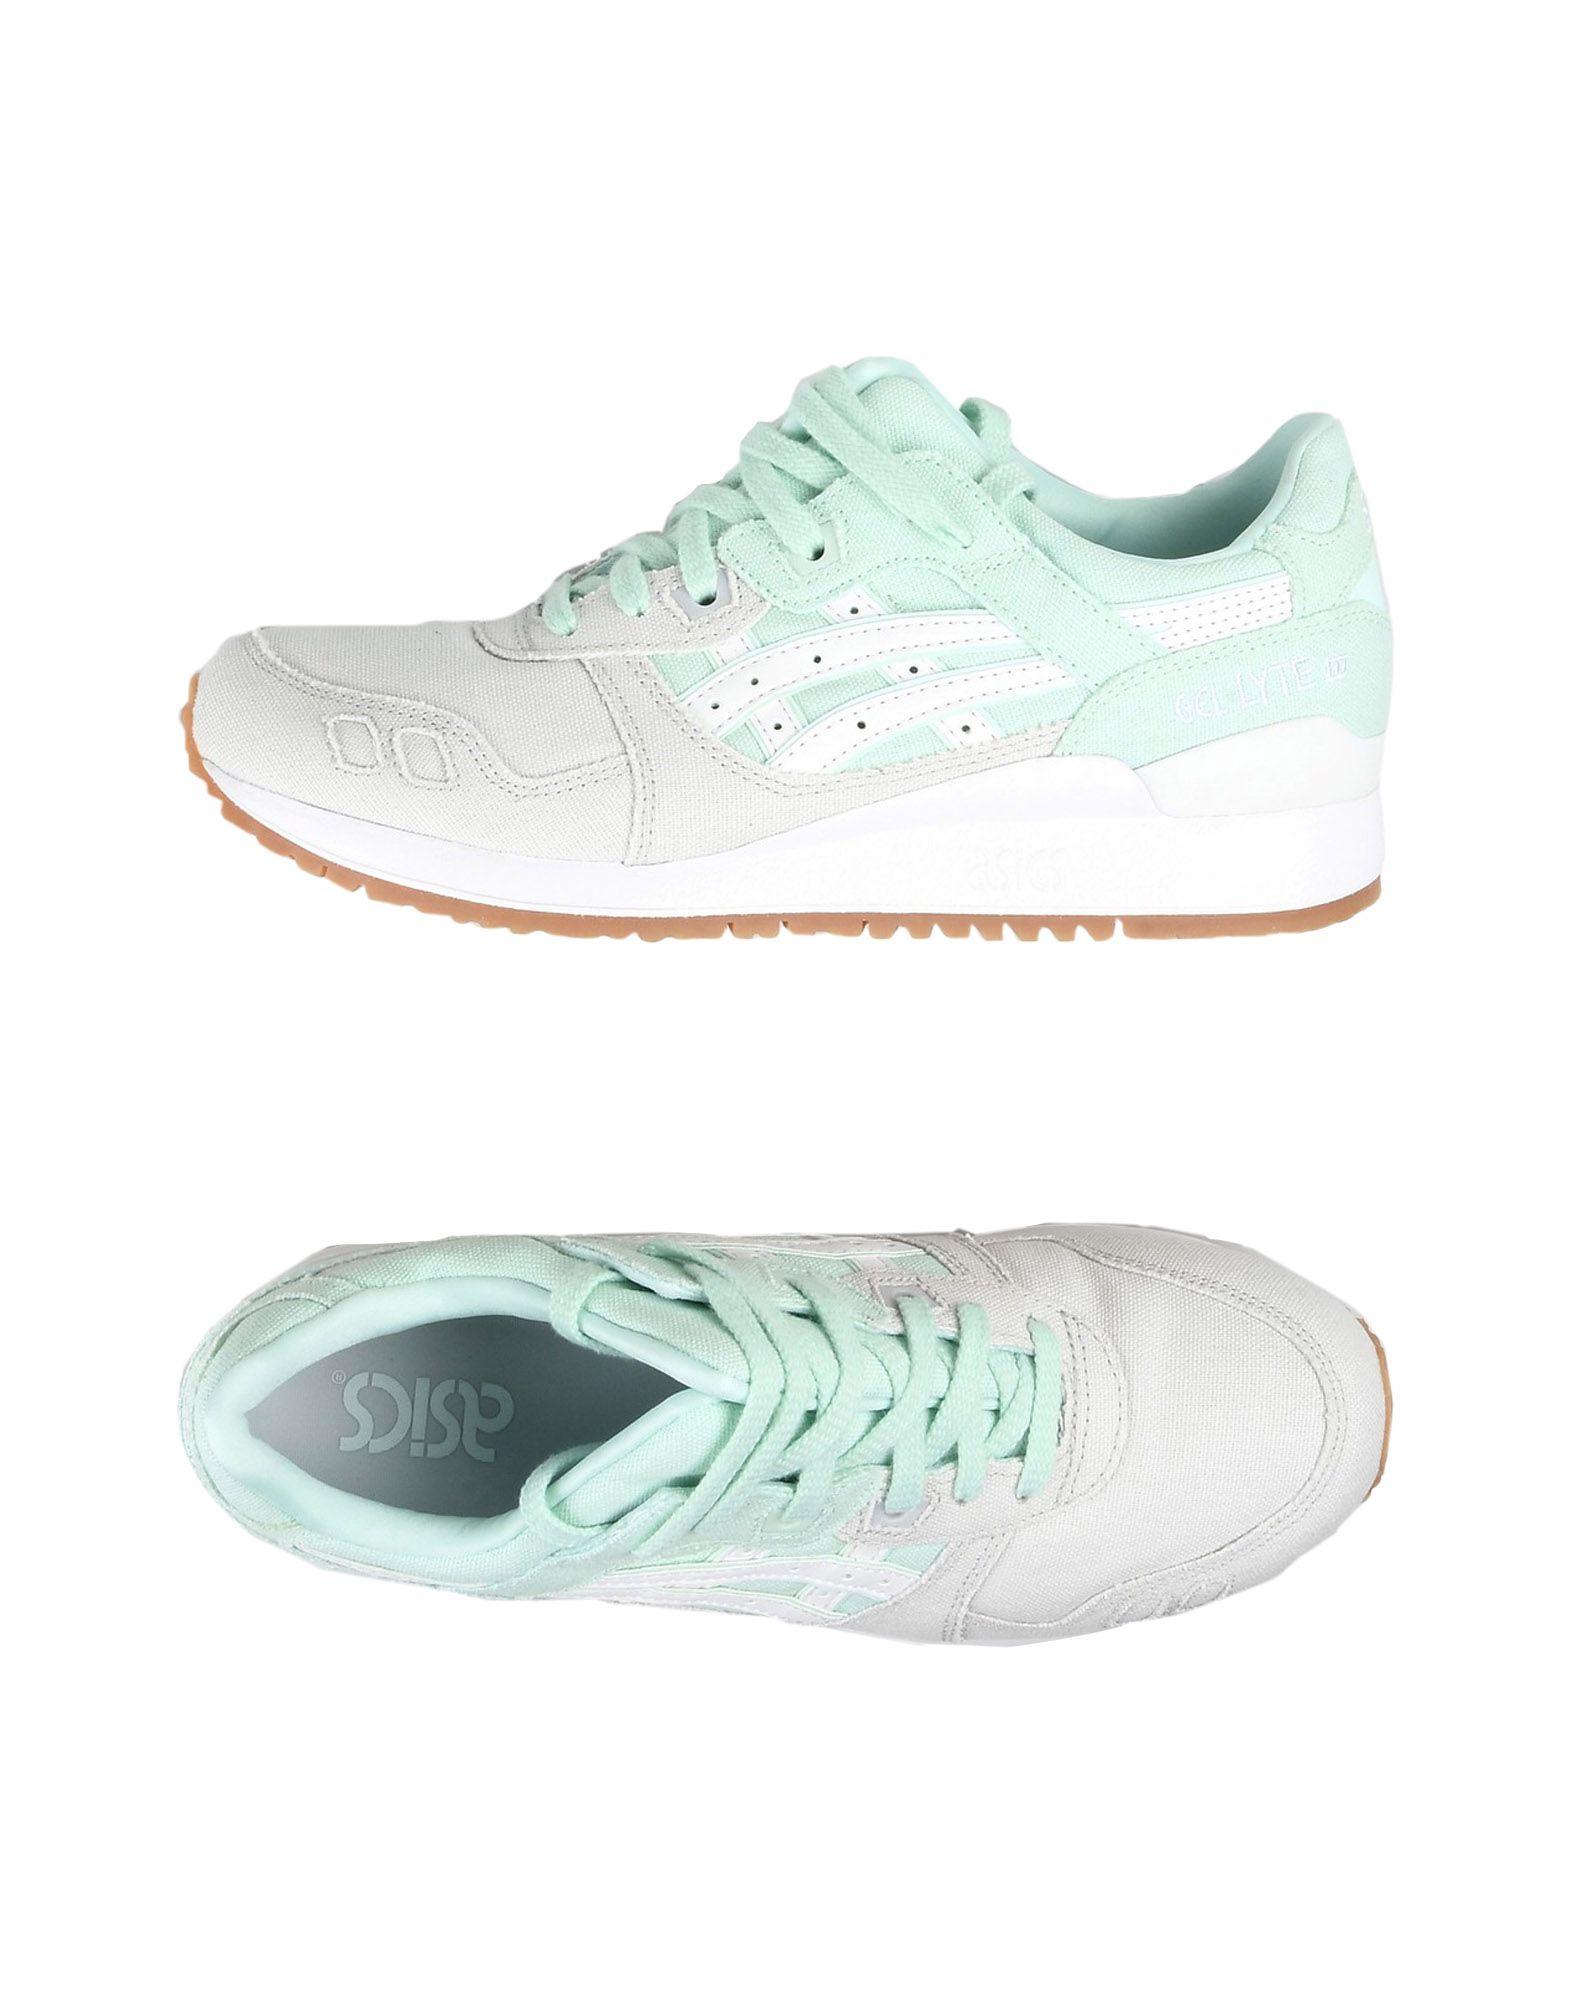 Asics Gel 11245714XI Gute Qualität beliebte Schuhe